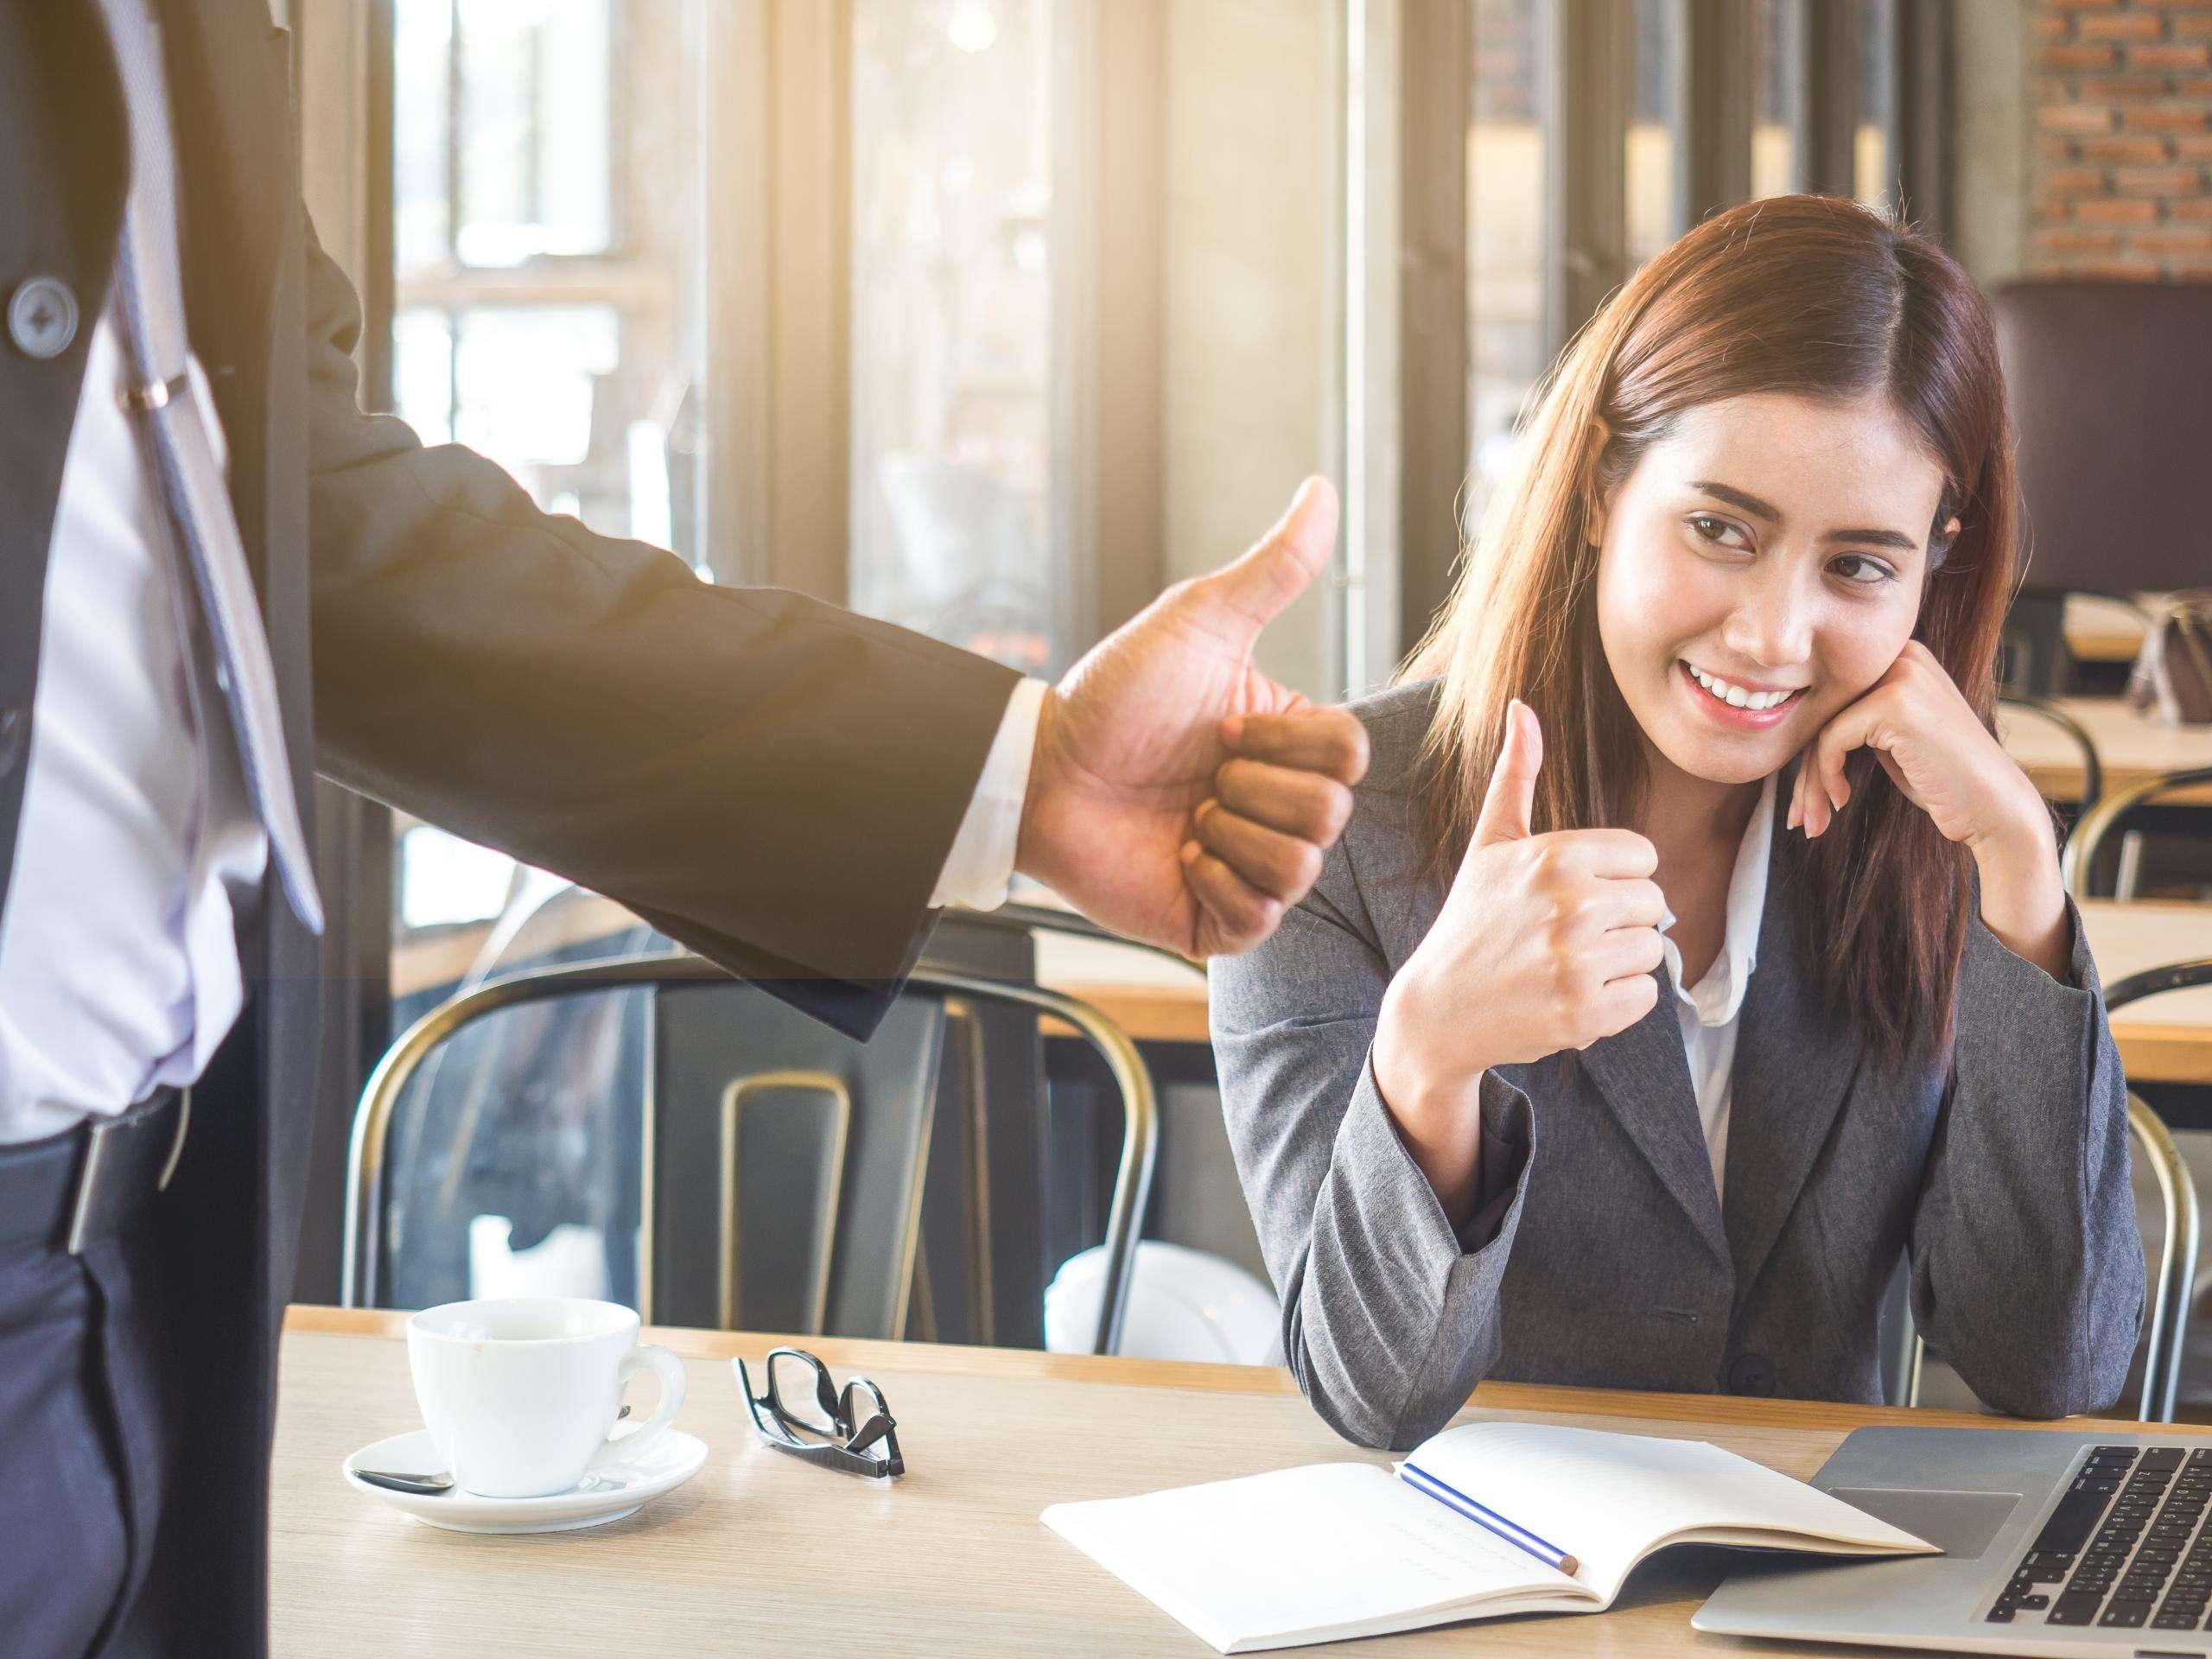 Làm thế nào để trở thành một ông chủ tốt